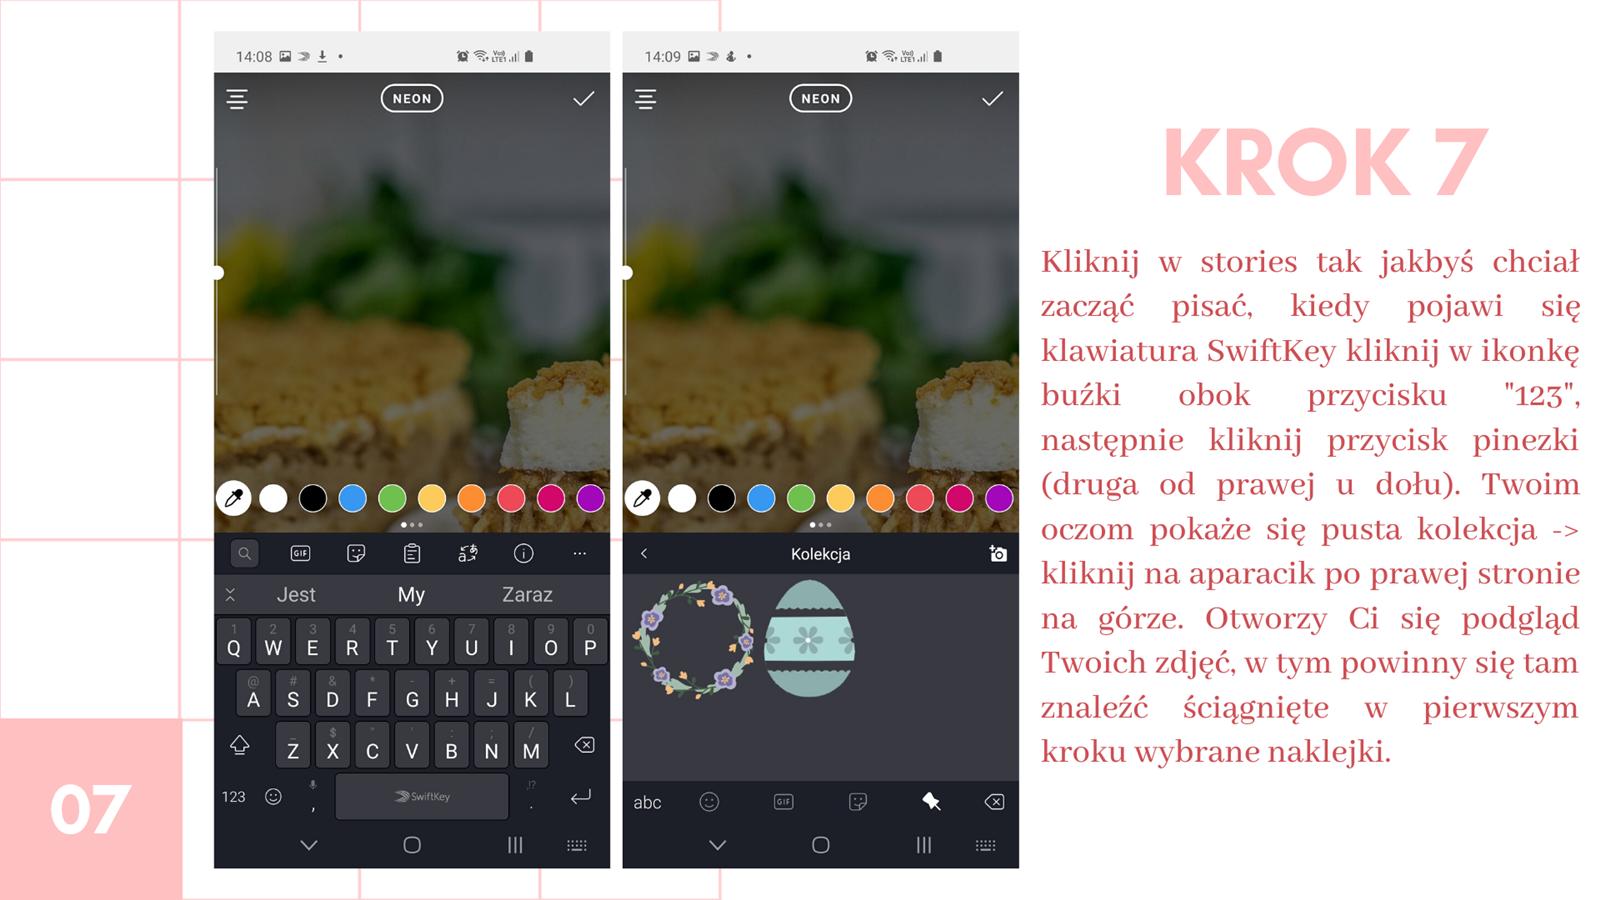 8 darmowe naklejki na instastories kwiaty wielkanoc jak zrobić swoją naklejkę na stories instagram jak wstawiać naklejki na instastory klawiatura swiftkey instrukcja krok po kroku